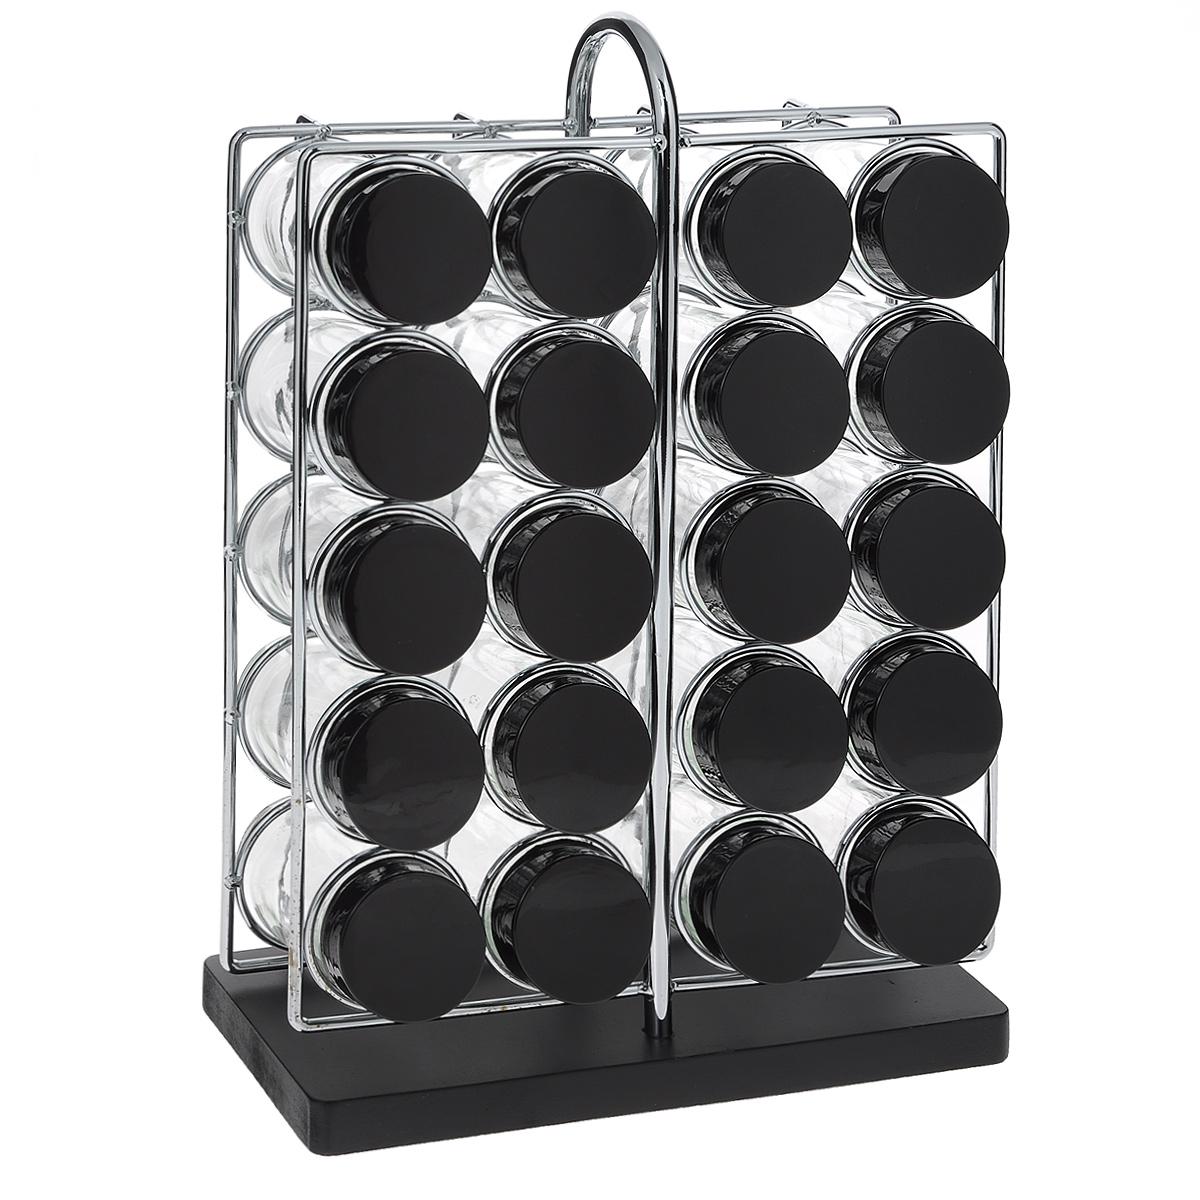 Набор для специй, 21 предметGSR3321Набор для специй состоит из 20 баночек для специй и подставки. Баночки изготовлены из стекла и оснащены плотно закручивающимися крышками из пластика черного цвета. Баночки устанавливаются на металлическую подставку с пластиковым основанием. Для каждой баночки предусмотрено специальное отверстие. Подставка имеет удобную ручку. Набор идеально подойдет для хранения различных приправ и специй. Благодаря прозрачным стенкам, можно видеть содержимое баночек. Такой набор стильно дополнит интерьер кухни и станет незаменимым помощником в приготовлении ваших любимых блюд. Баночки можно мыть в посудомоечной машине. Диаметр баночки (по верхнему краю): 4,2 см. Высота баночки: 9,5 см. Размер подставки (ДхШхВ): 10 см х 22 см х 32 см.